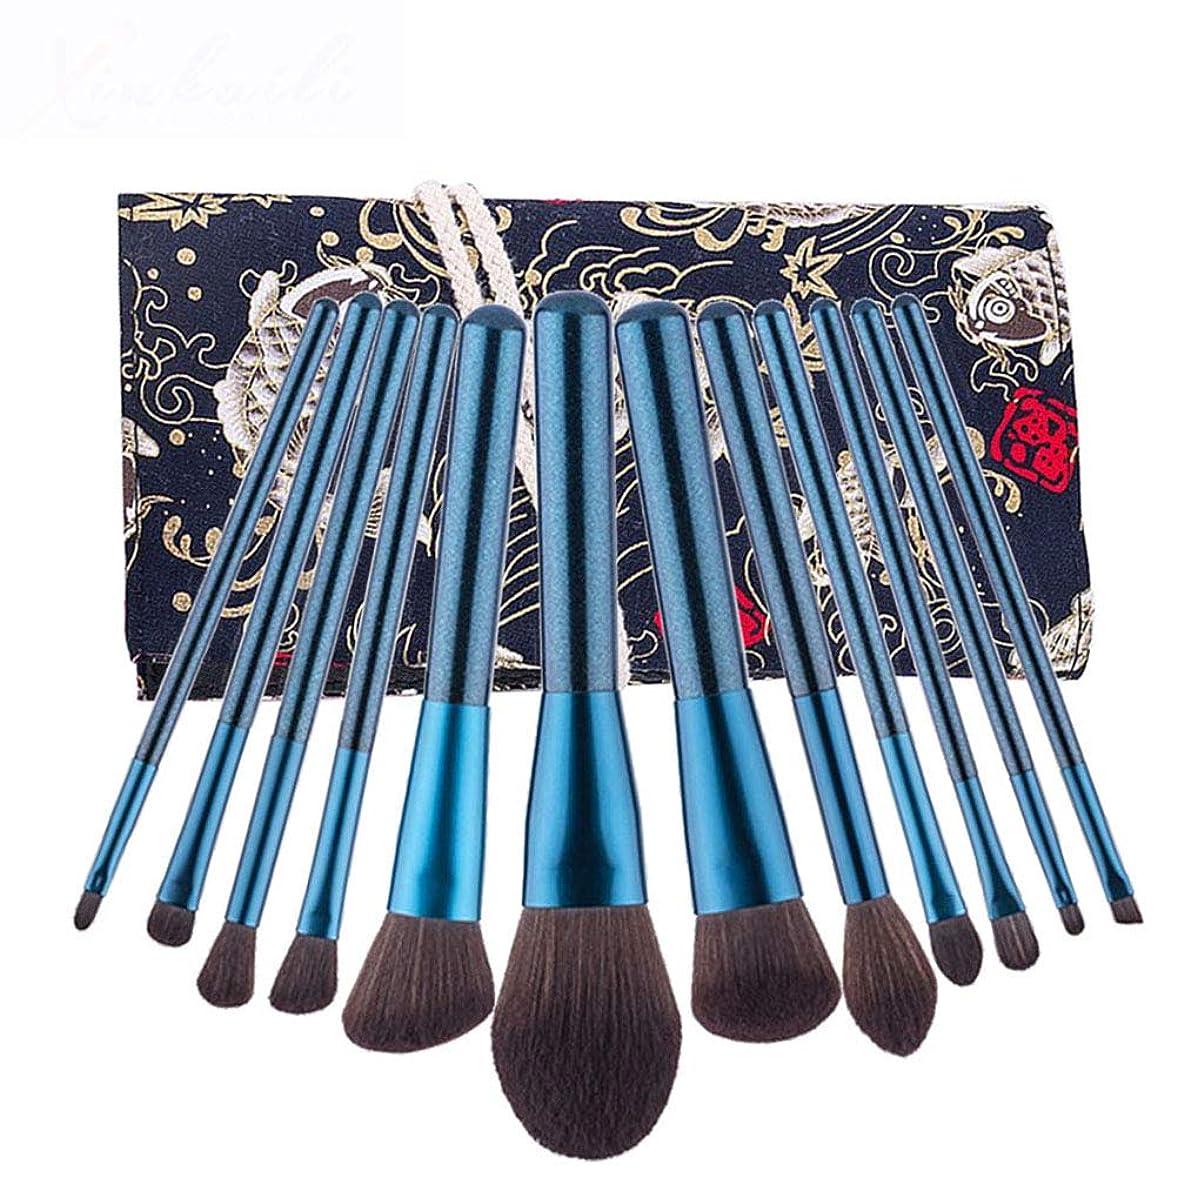 会社引き付けるである12化粧筆初心者化粧筆セットシアン